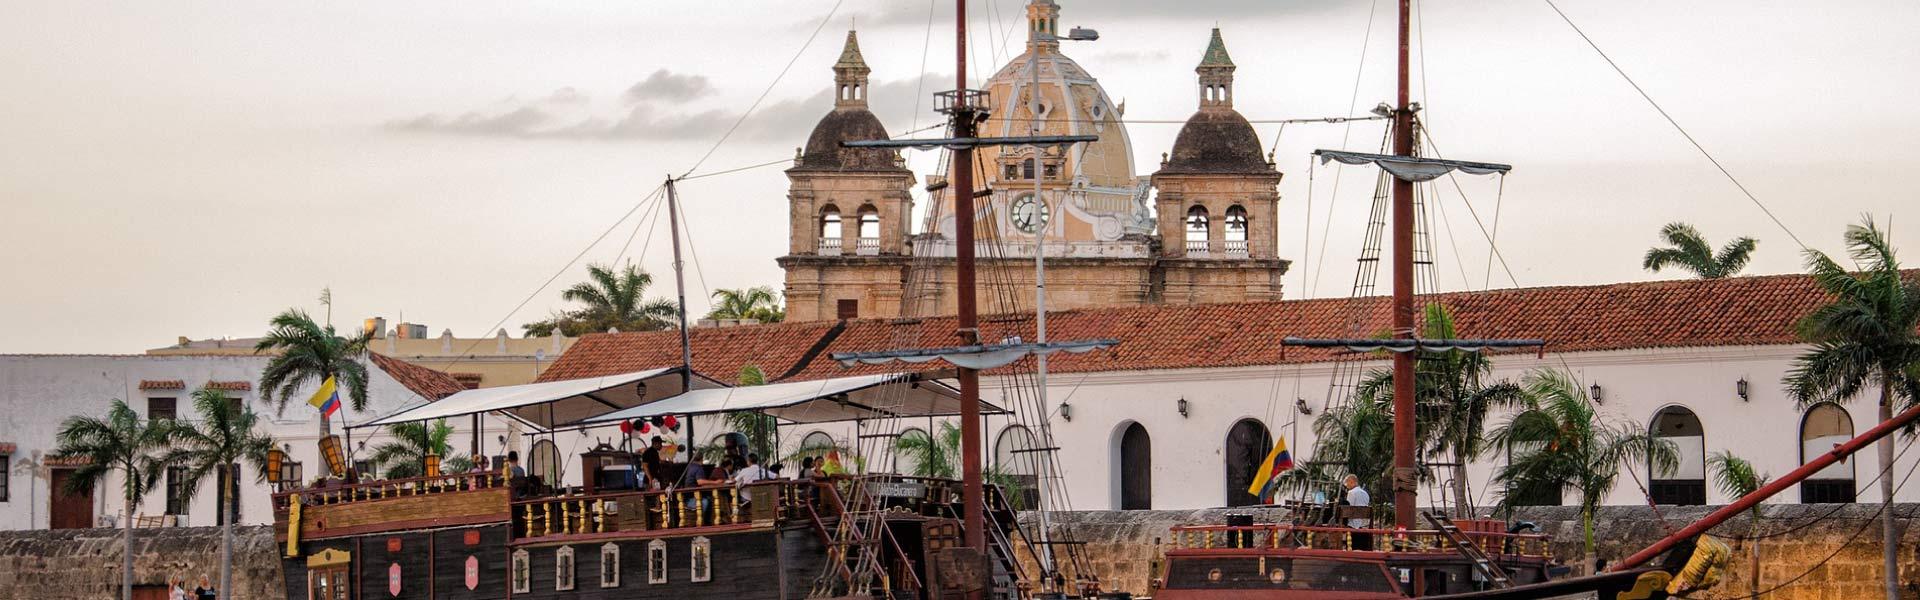 Mejores viajes y vistas de Cartagena